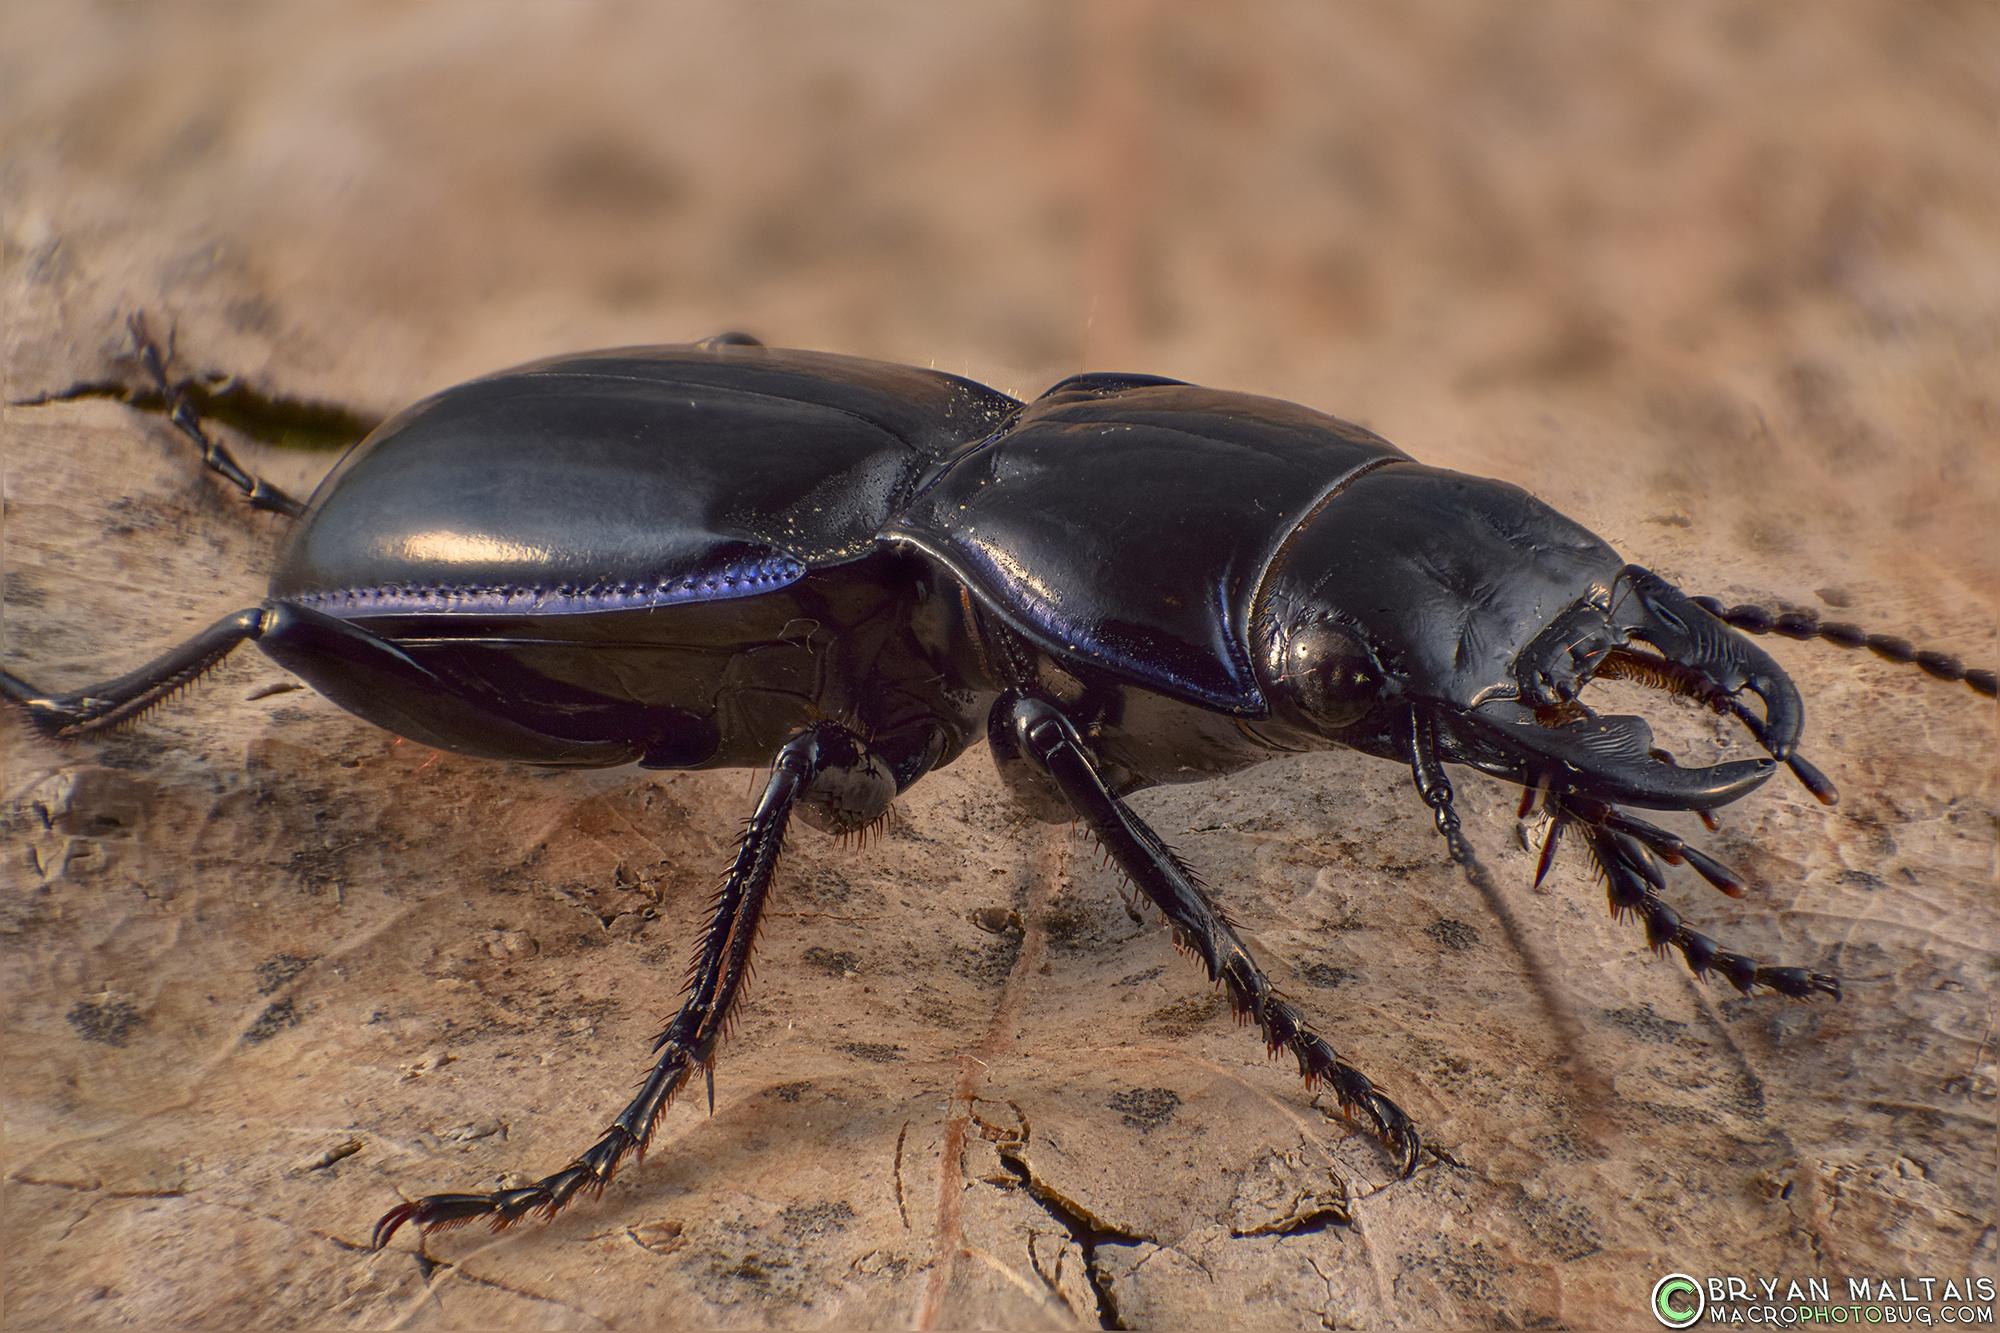 Ground Beetle Macro Photography